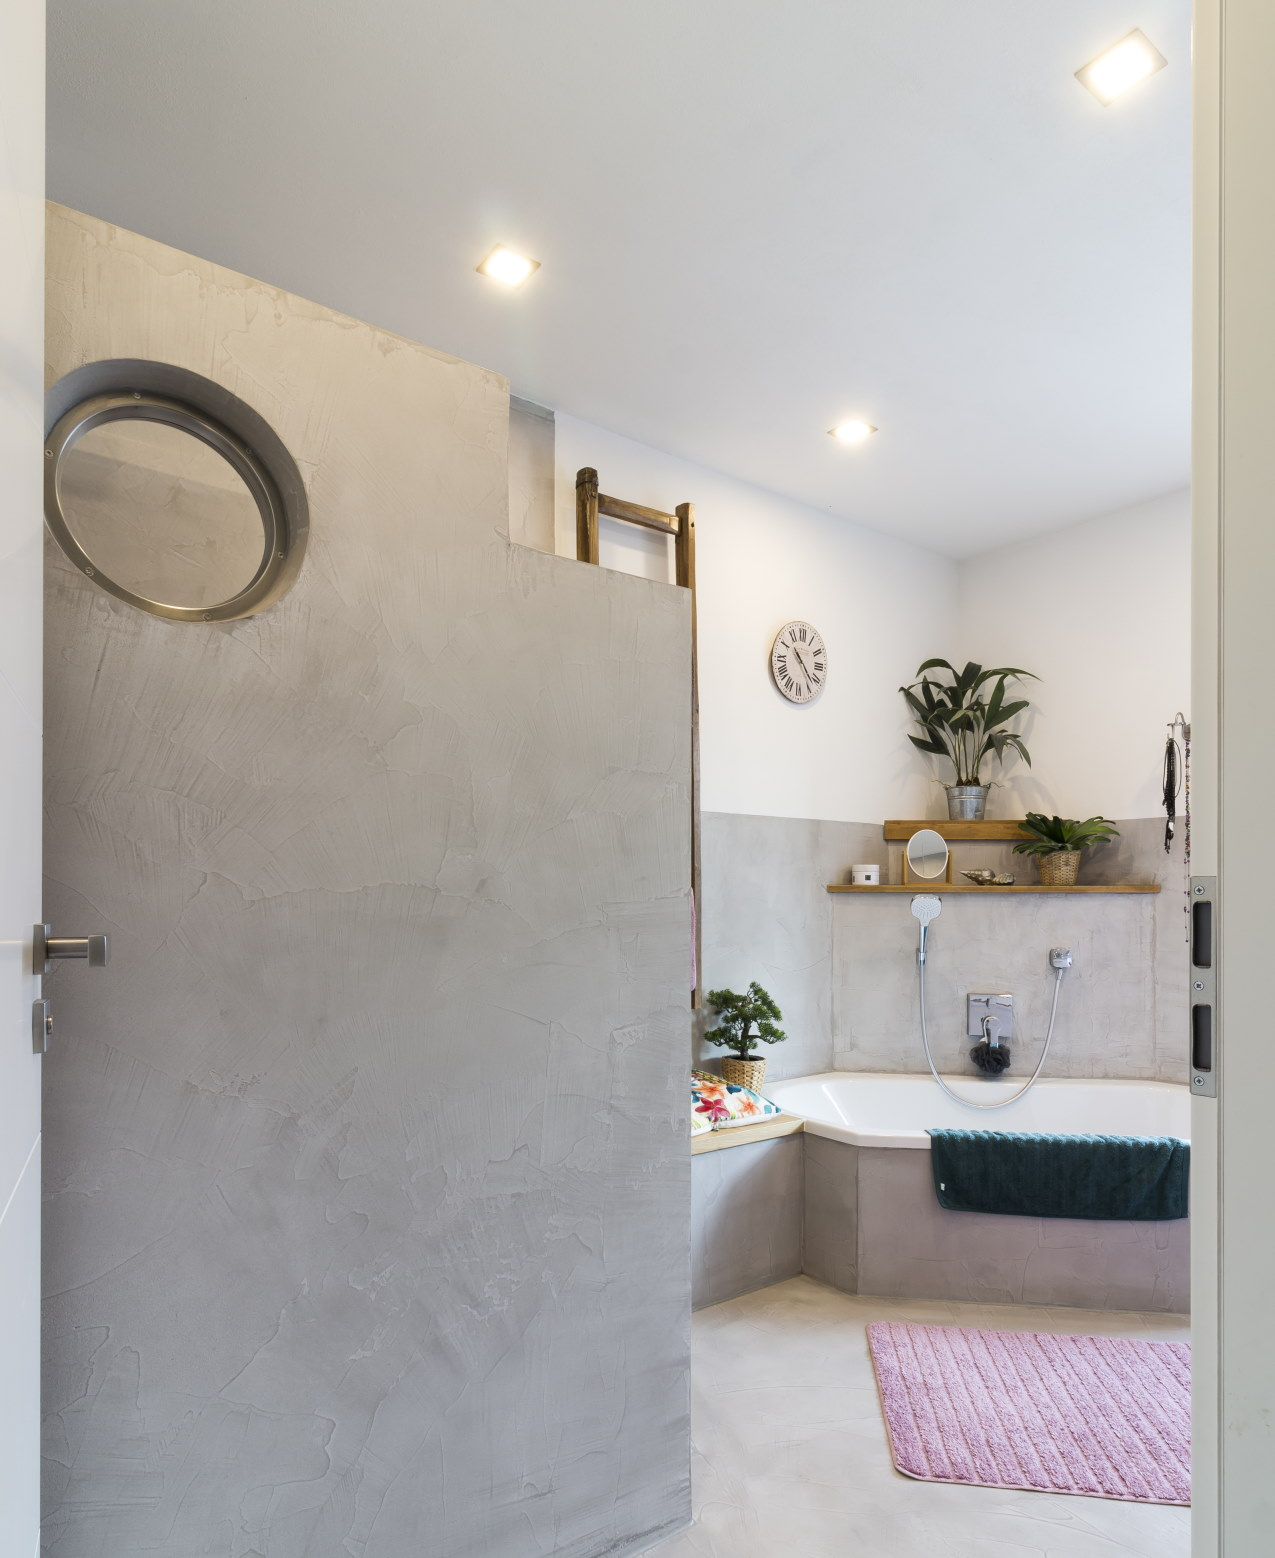 mainTisch mainBeton Badezimmer Dusche Beton Beton Cire ...